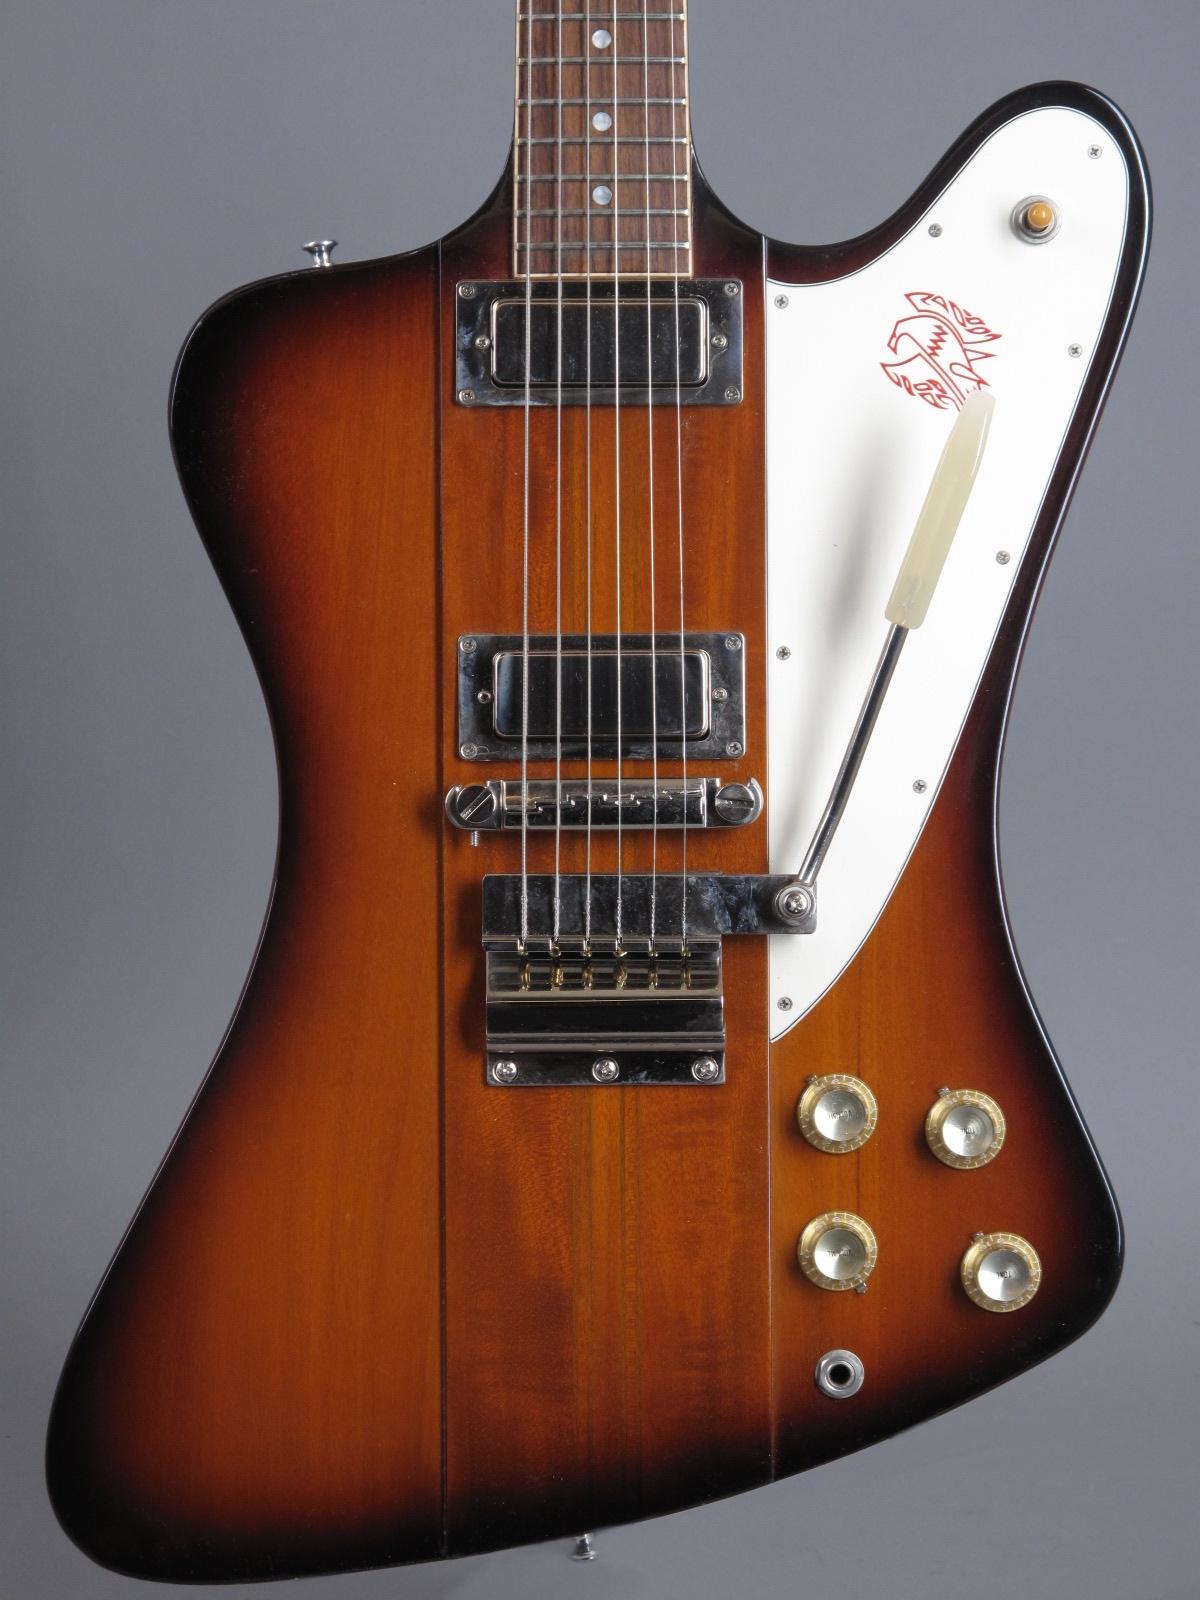 2010 Gibson Firebird III - Sunburst